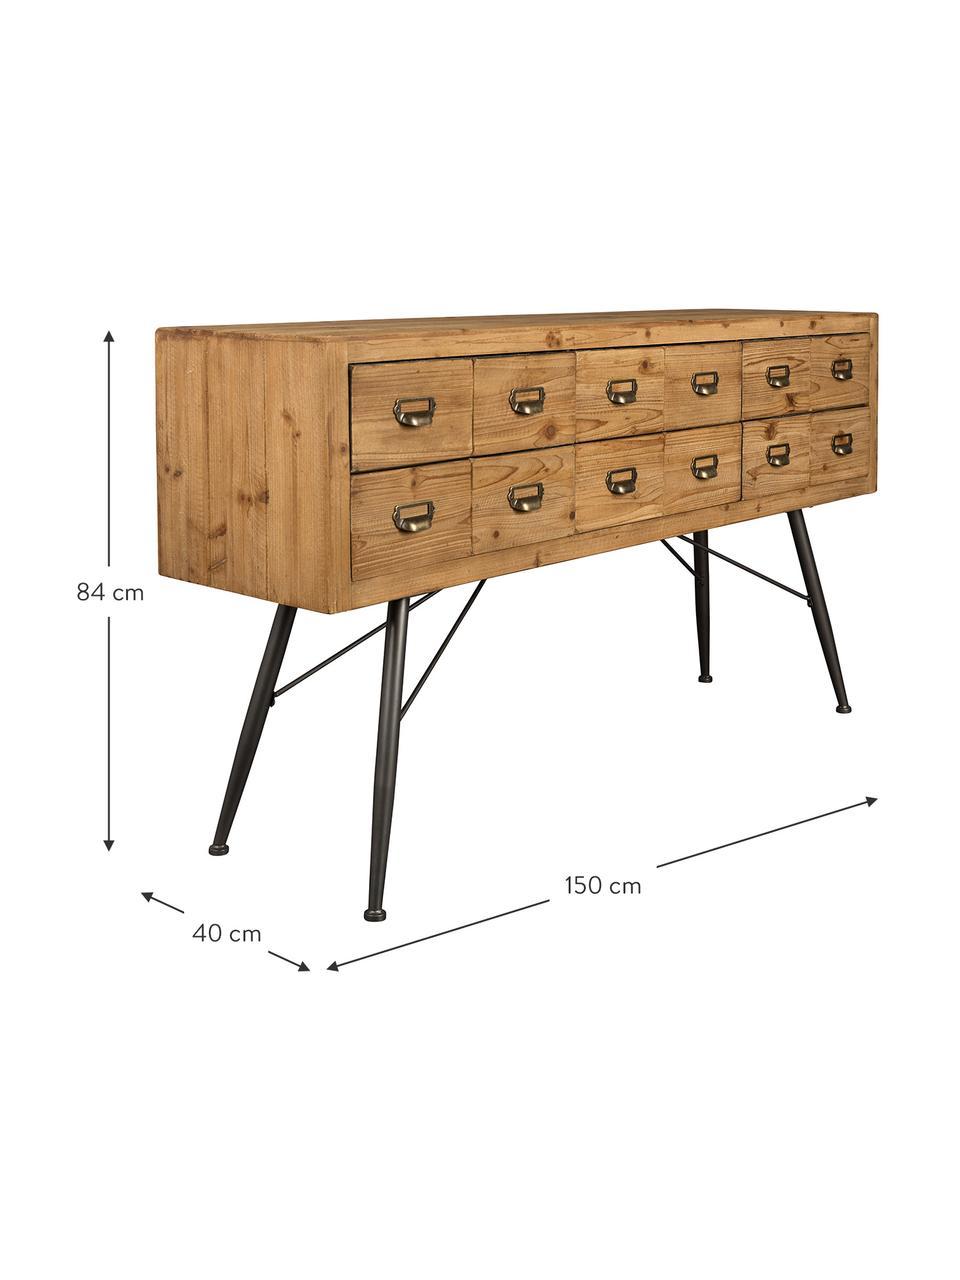 Apotheker dressoir Six met lades, Poten: gelakt ijzer, Handvatten: ijzer, antieke afwerking, Dennenhoutkleurig, antraciet, 150 x 84 cm